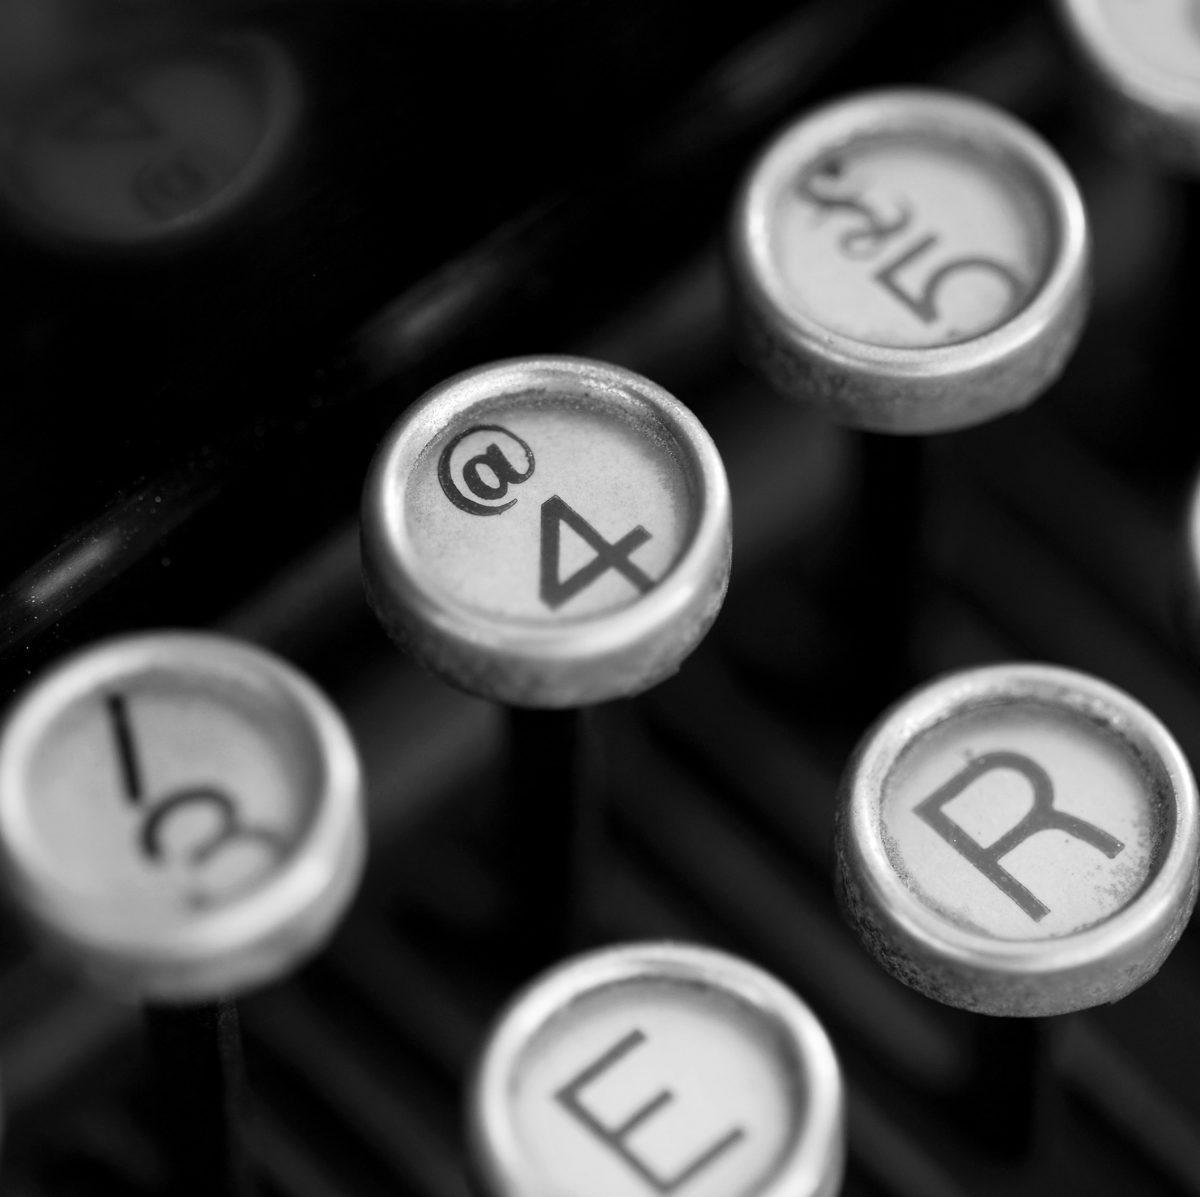 The 'at sign' key, original 1947 Royal Typewriter, typewriter, Royal Typewriter, keyboard, key 4